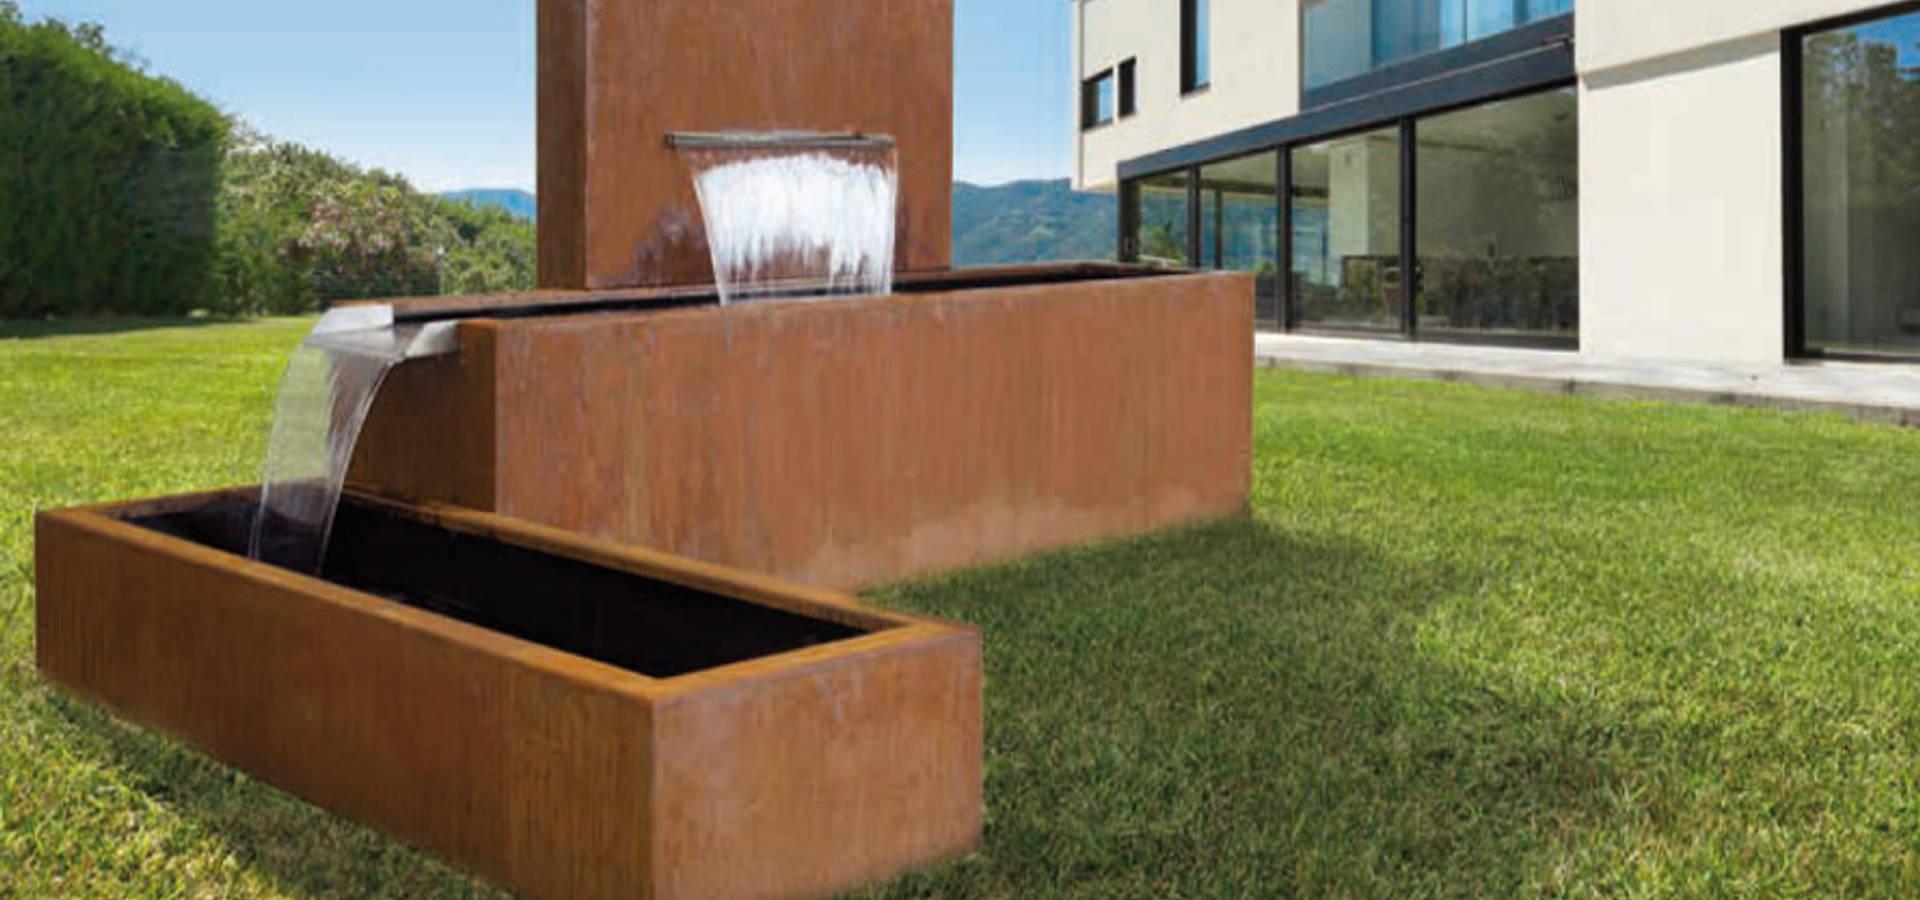 Cortenstahl brunnen by manufaktur von doberstein homify - Brunnen modern ...